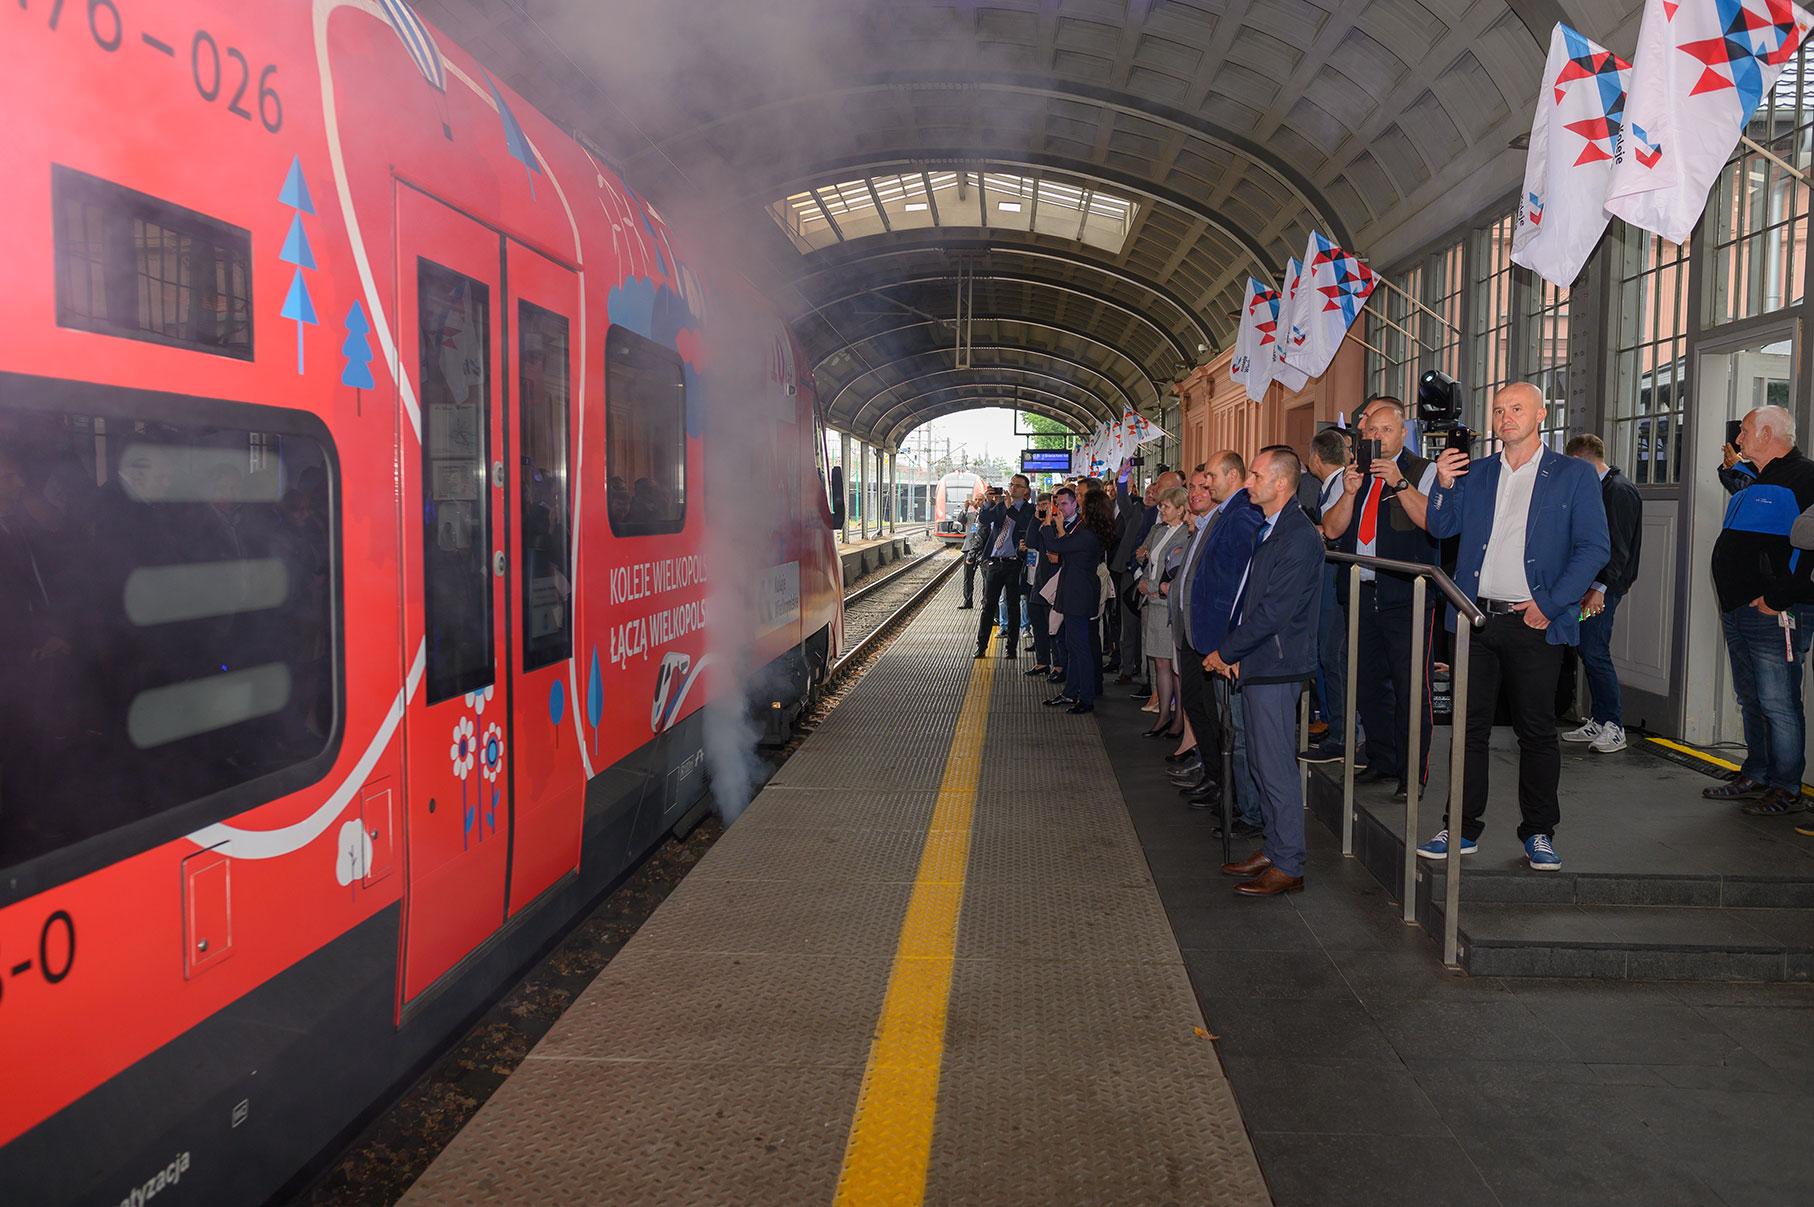 Wjazd oklejonego pociągu na peron